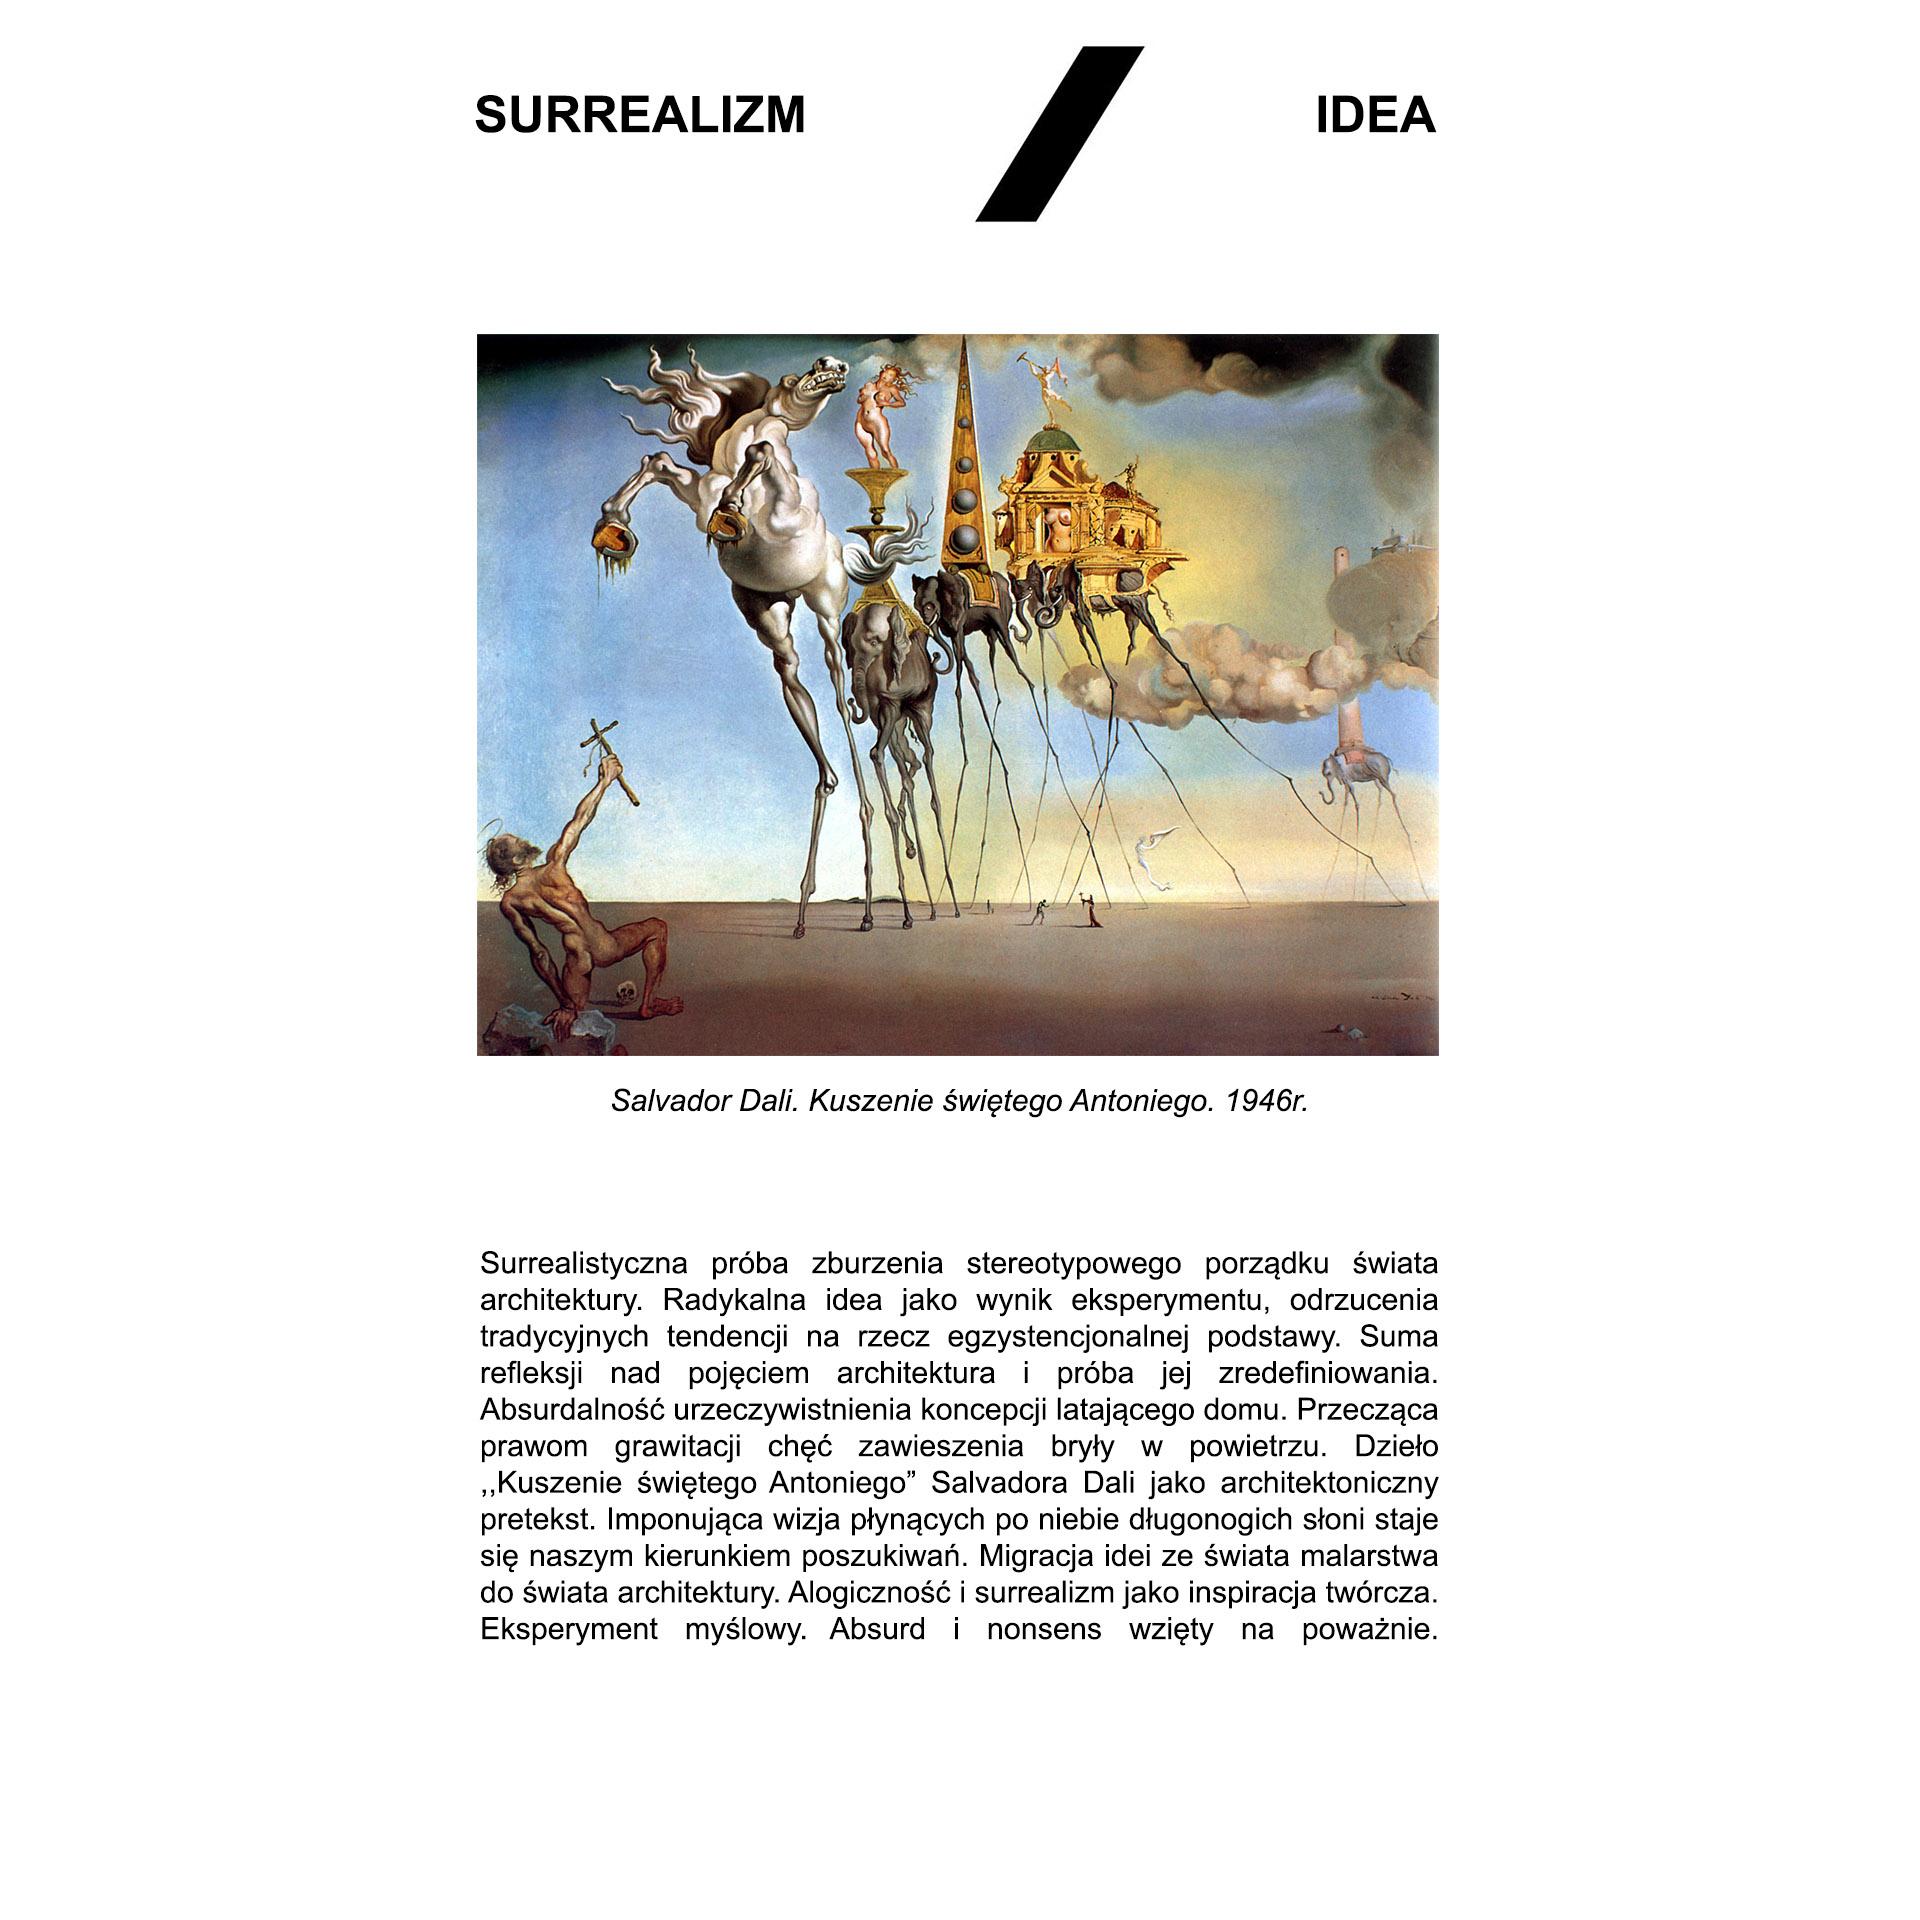 Latająca stodoła - opis surrealizm/idea